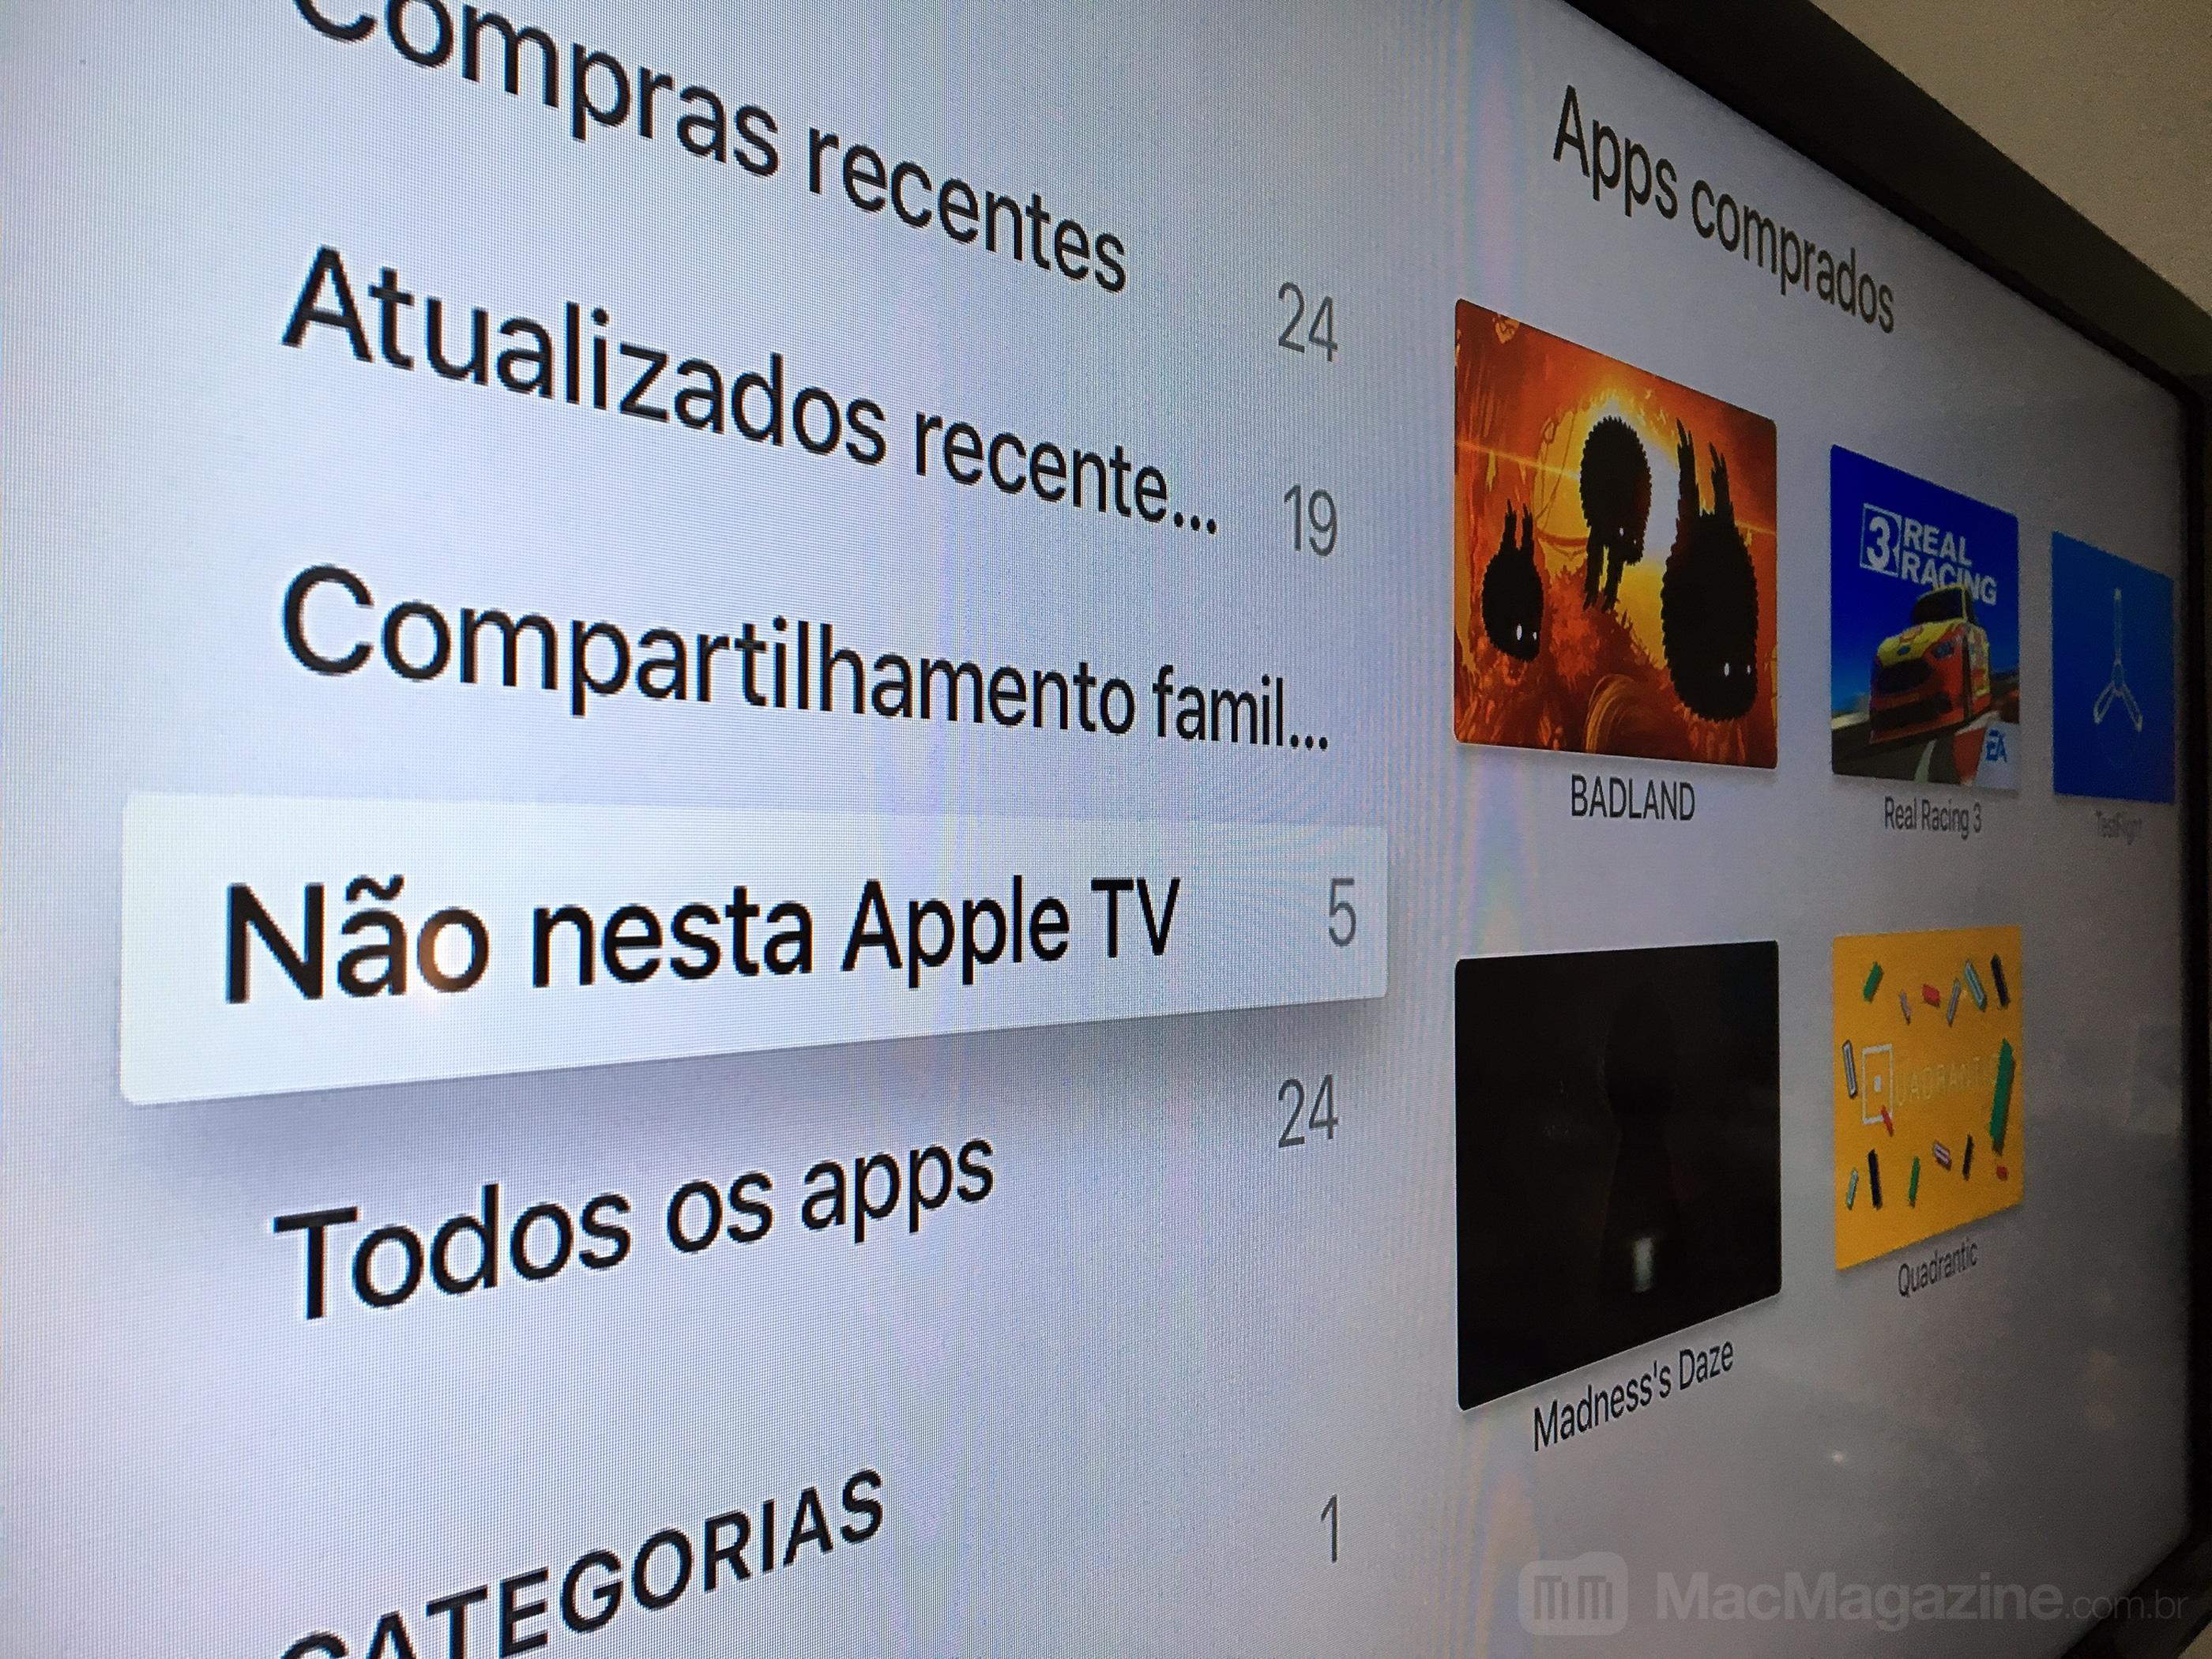 Não nesta Apple TV - tvOS